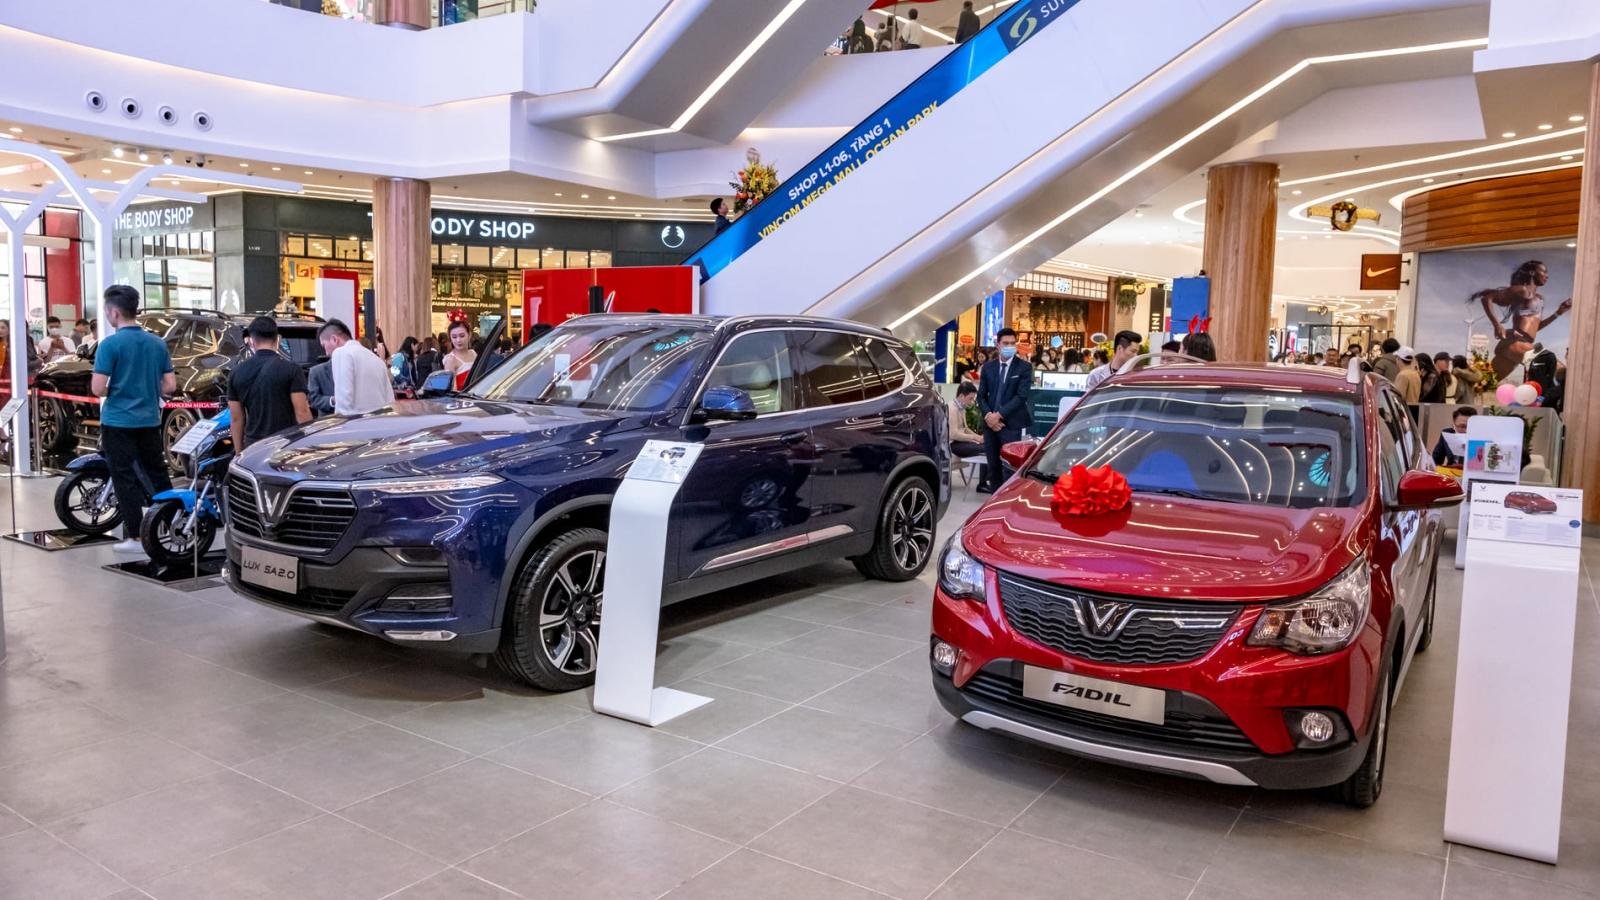 Bán hơn 30.000 xe chỉ sau 18 tháng: Nhờ đâu VinFast tăng trưởng thần kỳ?